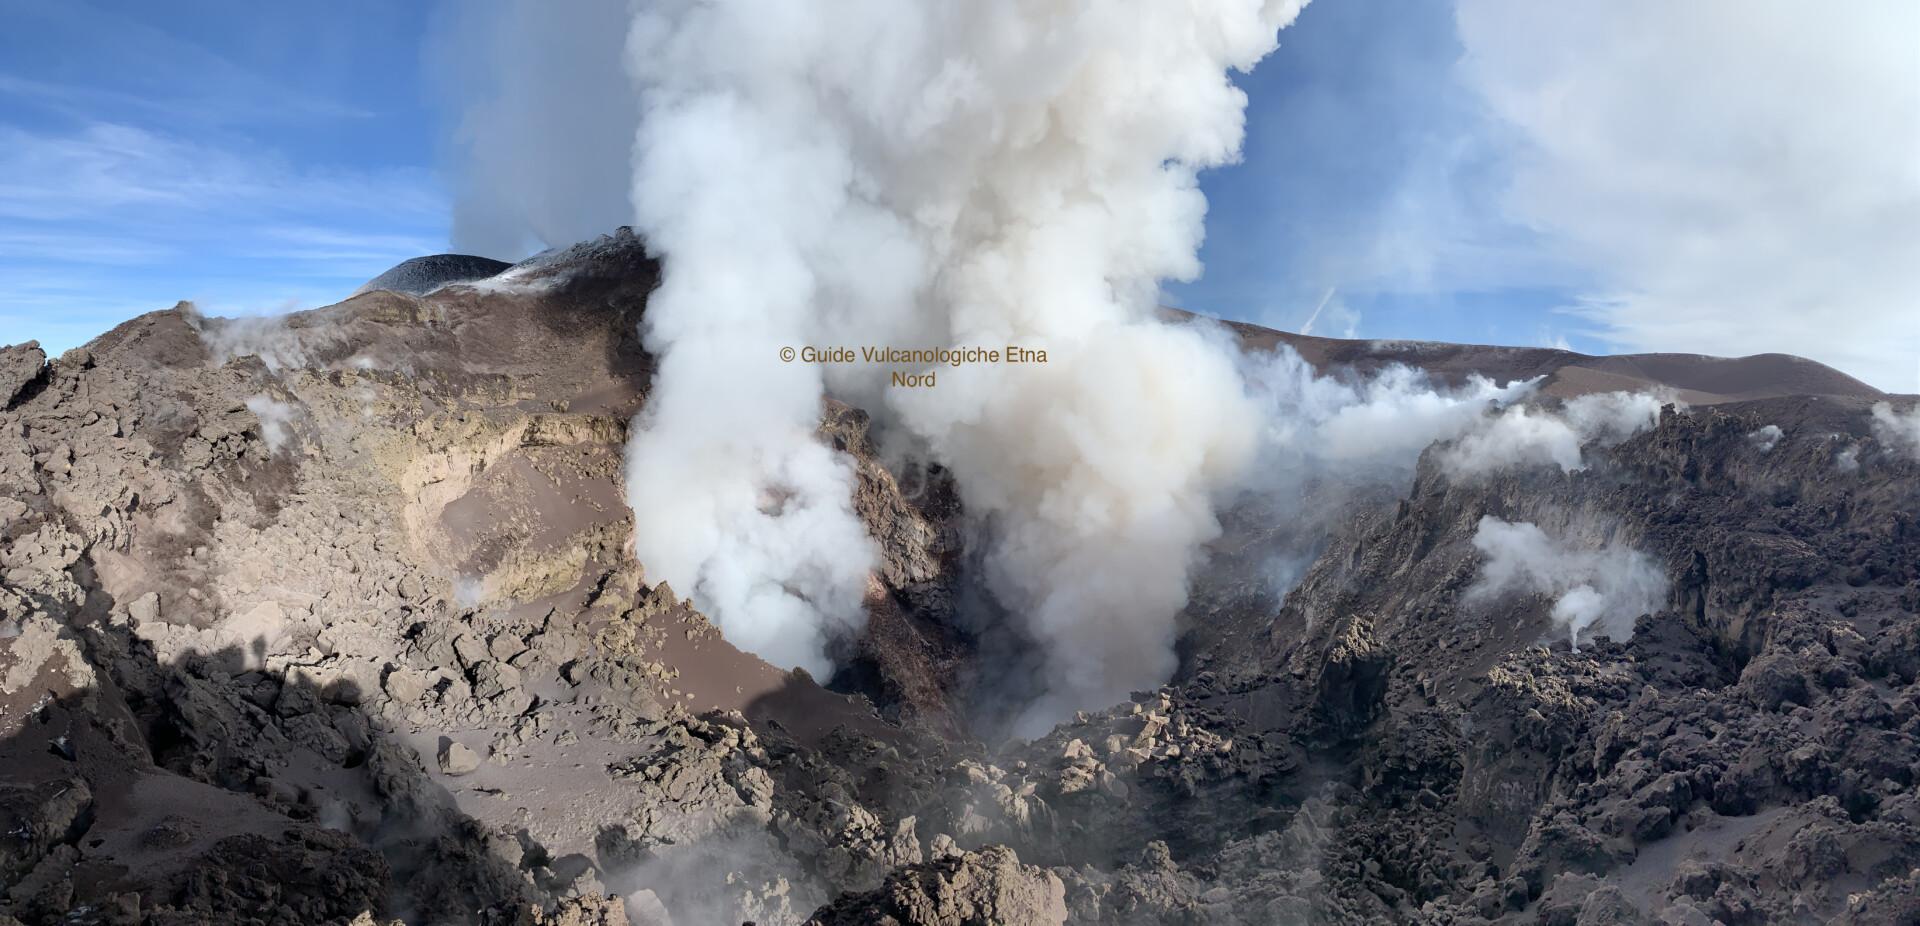 Escursione in cima al Vulcano Etna a quota 3300 mt